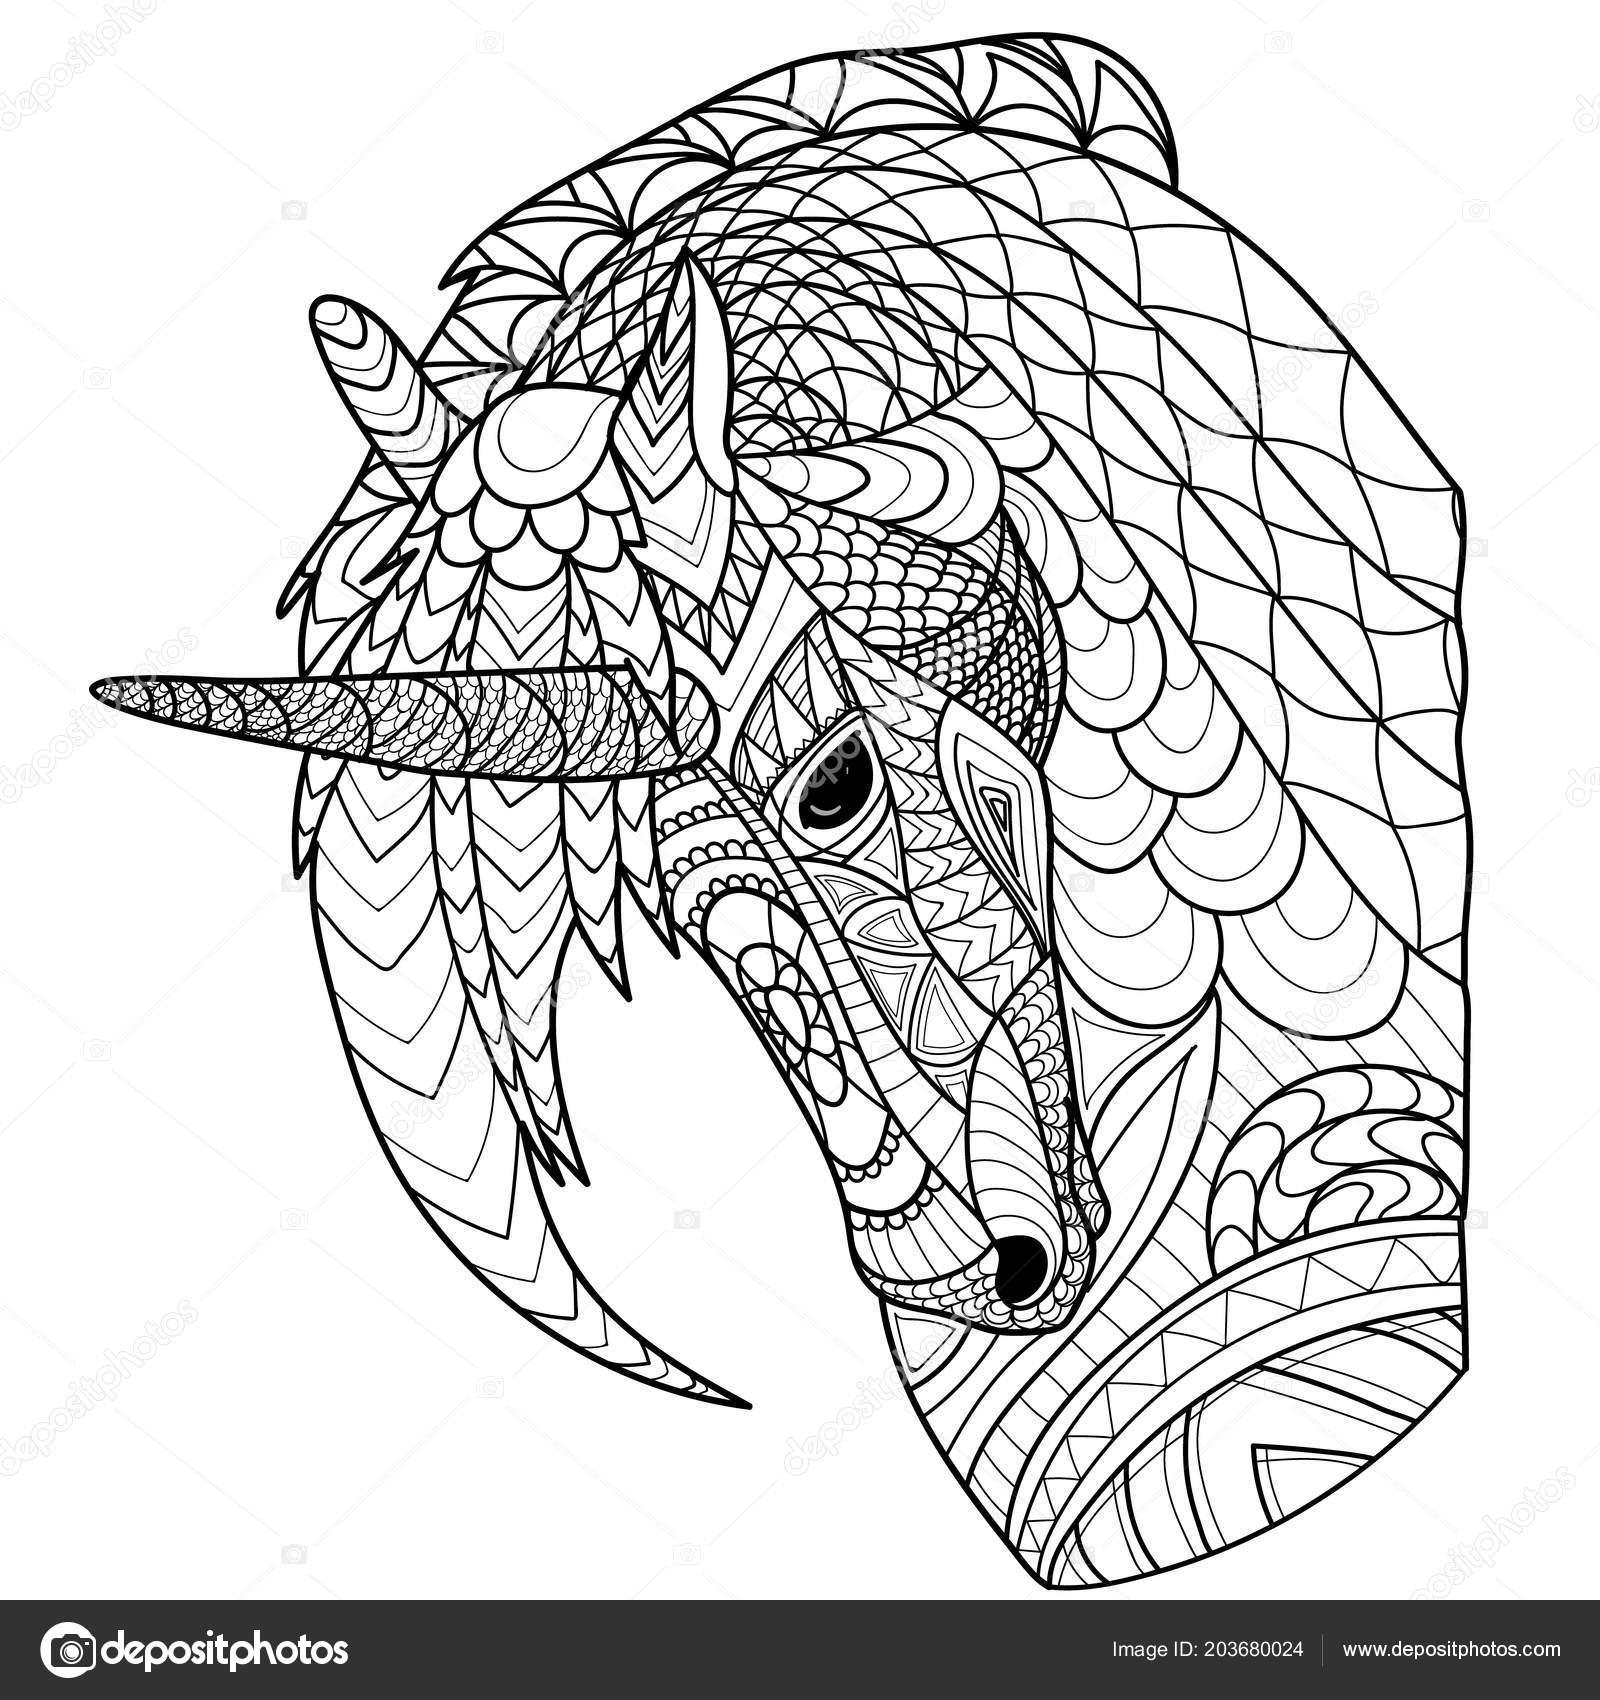 kleurplaat boek kleurplaten pagina met paard eenhoorn